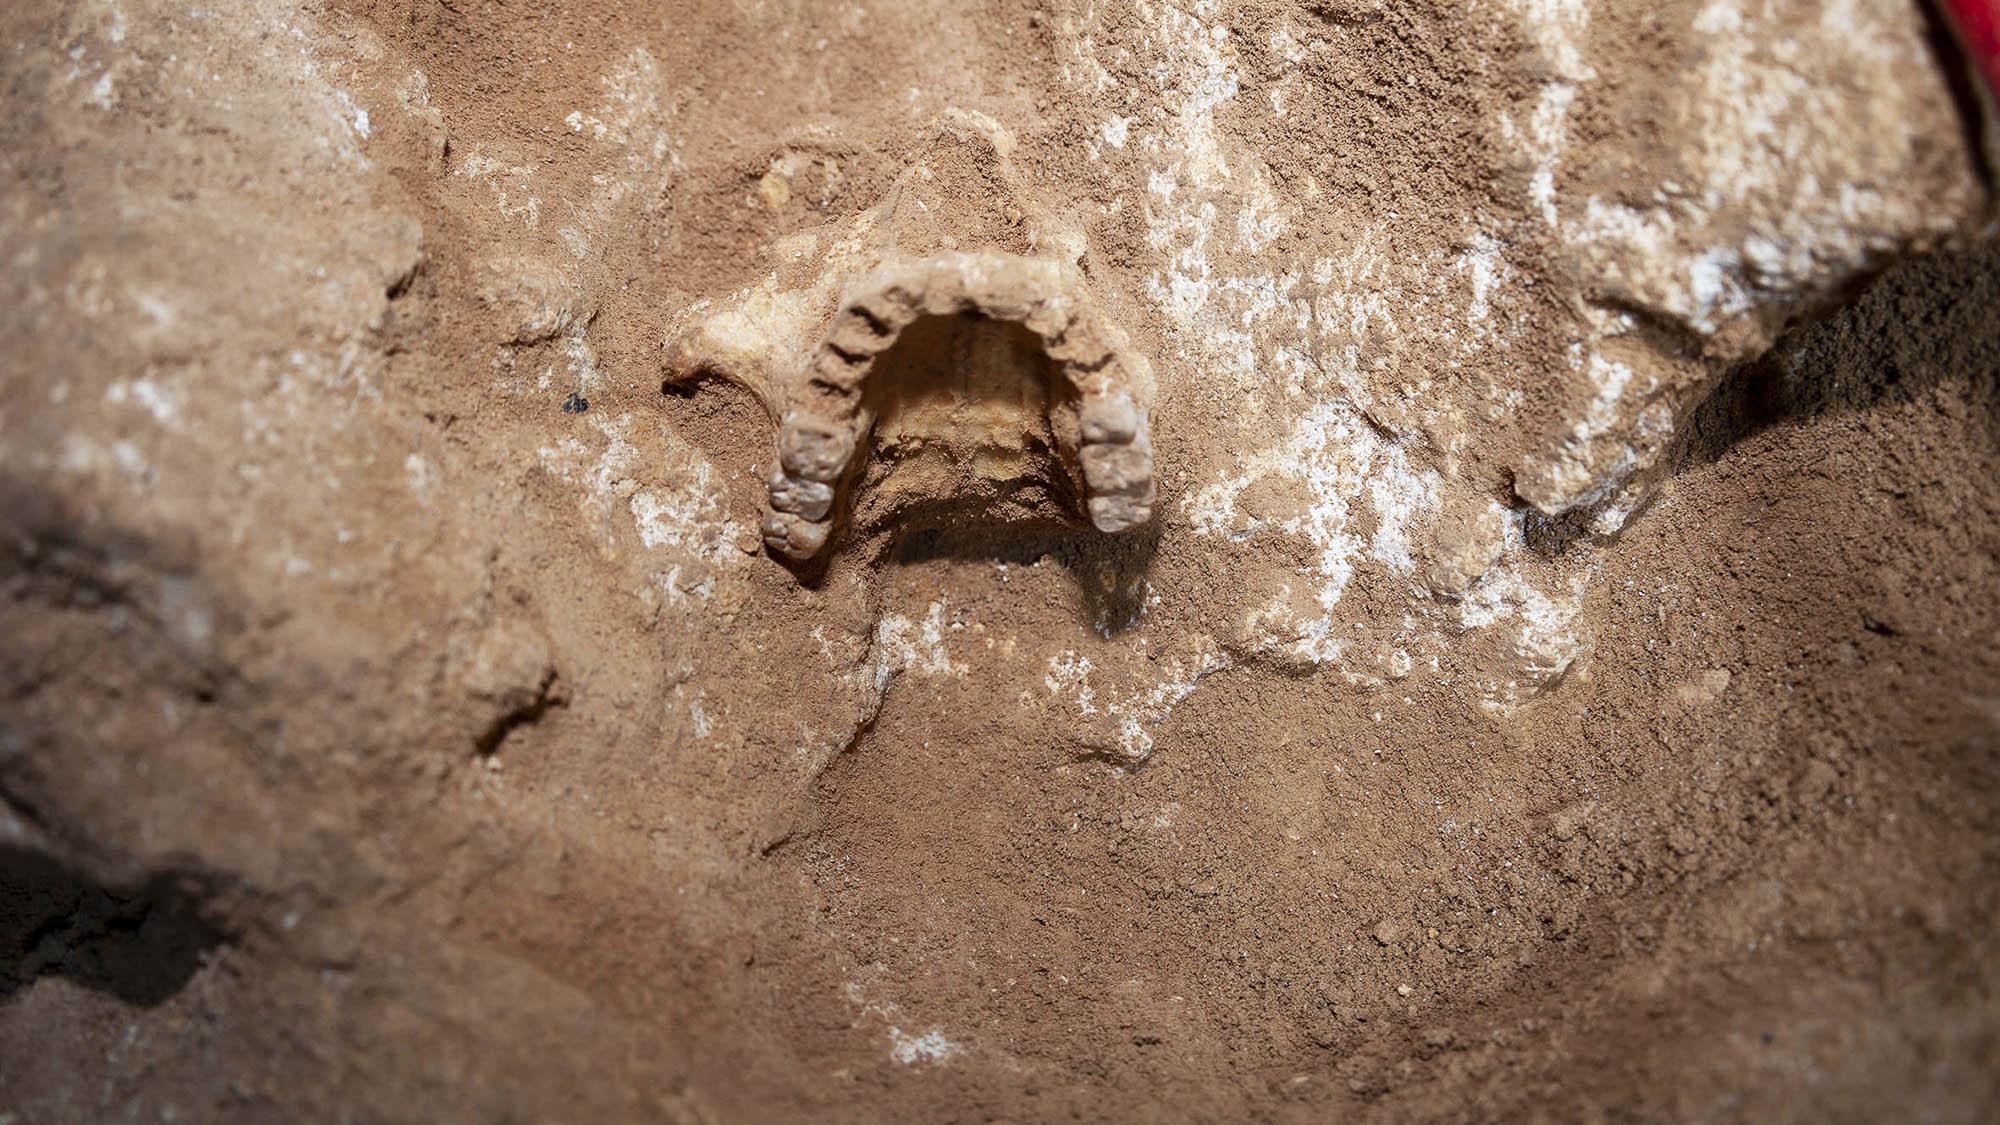 Imagen de la cueva 127 de Formentera. Crédito: Dr Edgard Camarós.